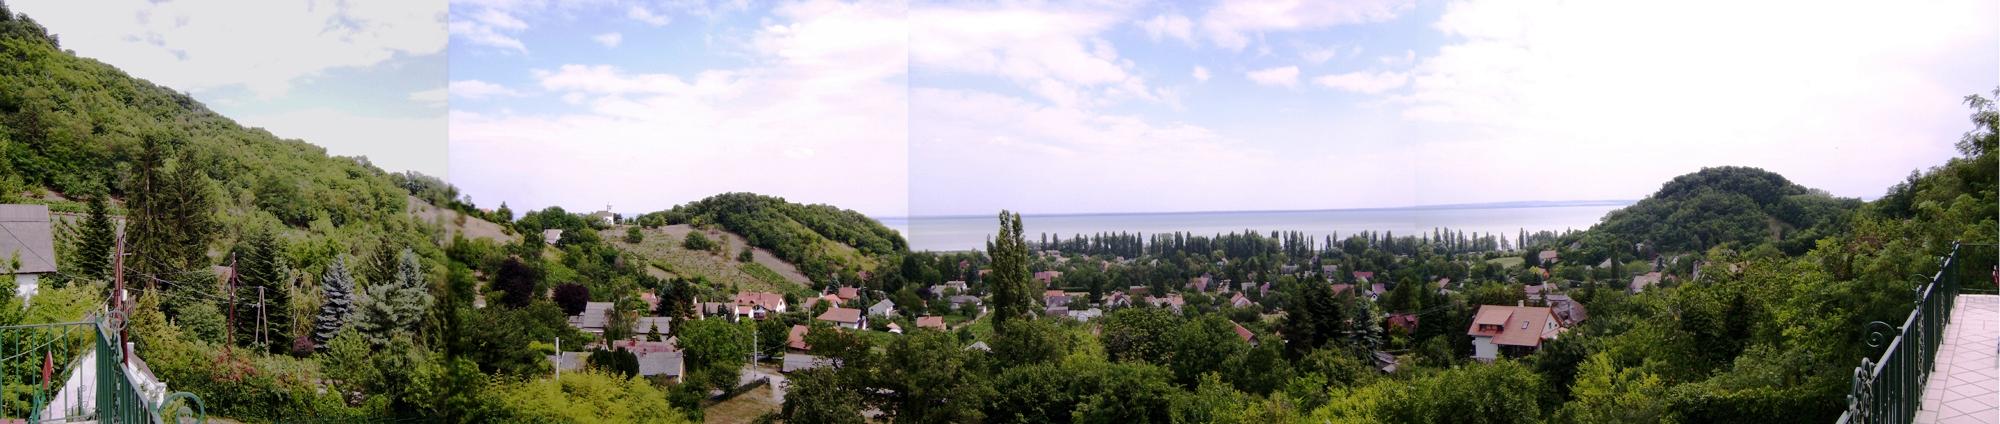 panorama_kicsi.jpg